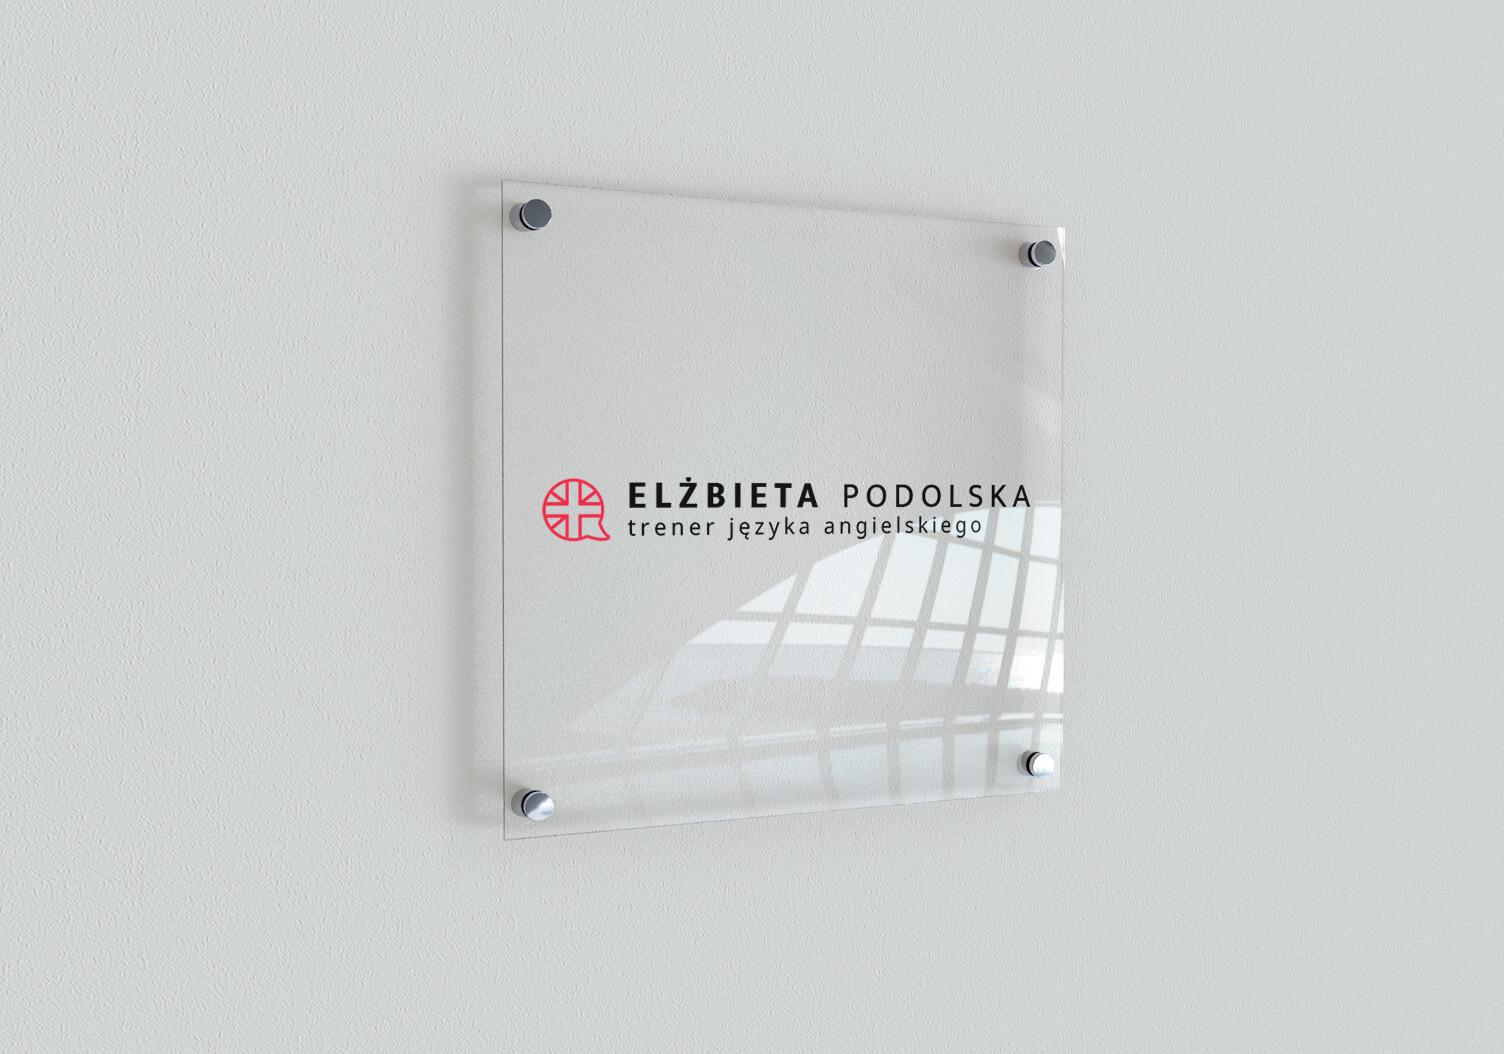 Elżbieta Podolska - projekt tabliczki ściennej z nowym logo